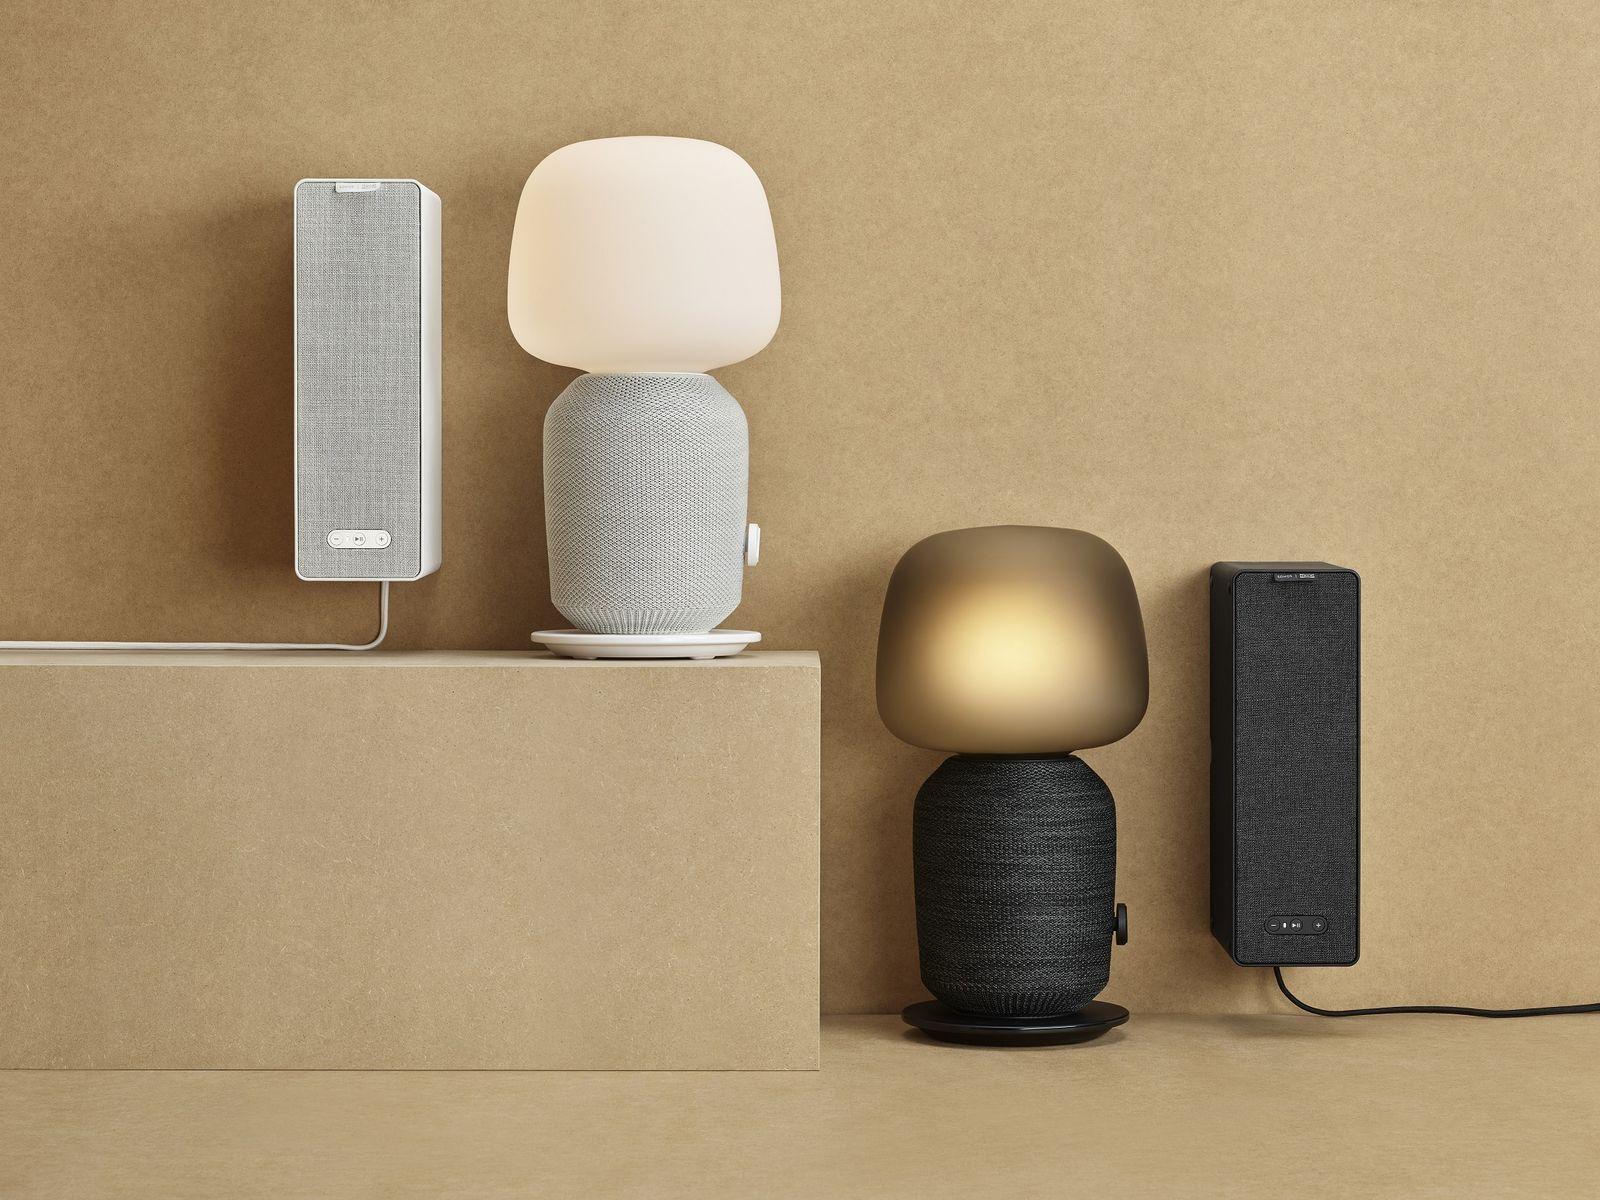 Ikea / Sonos Lautsprecher / SPERRFRIST 08.04.19 - 17 Uhr